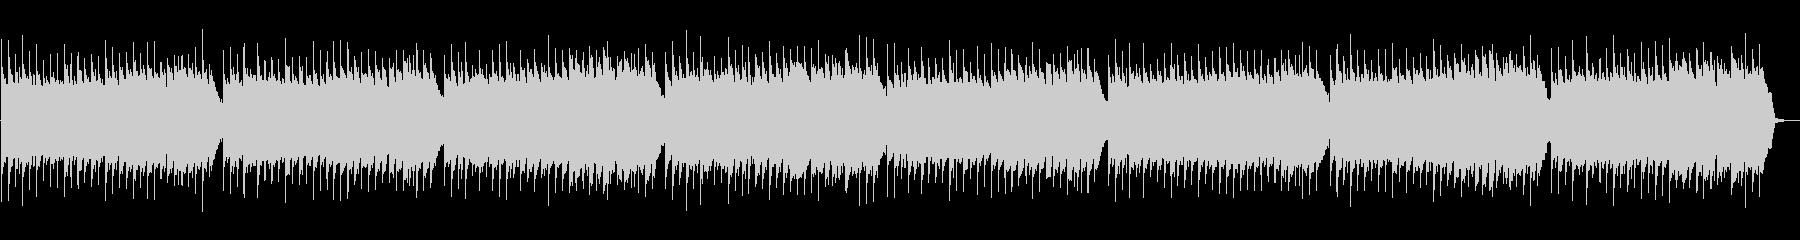 企業VP169、ピアノ、アコギ、穏やかLの未再生の波形